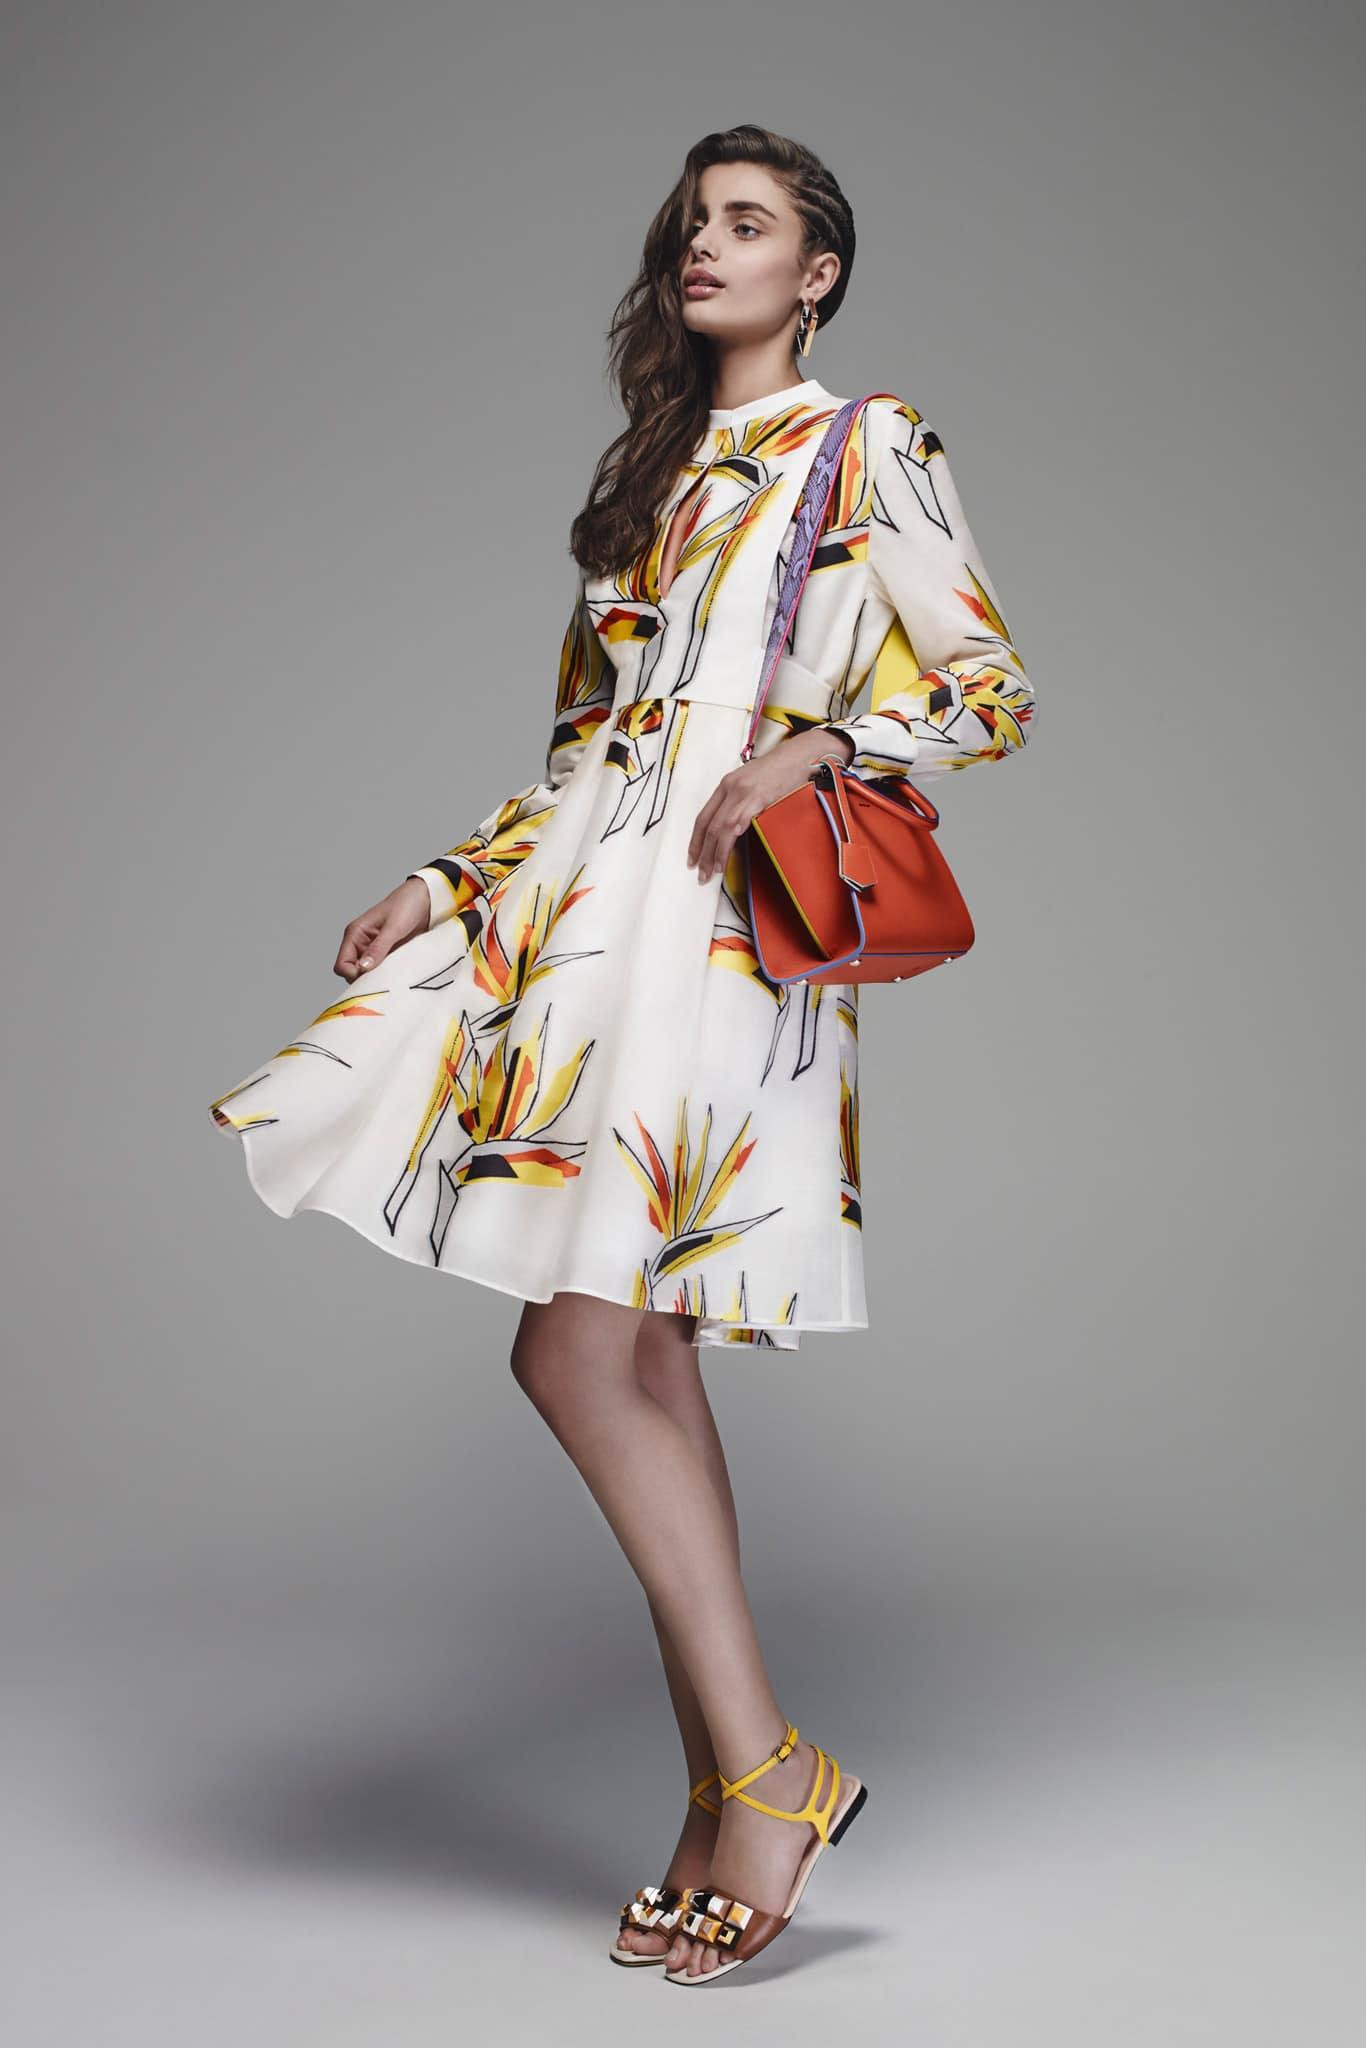 незаметно брендовые коллекции женской одежды фото русский